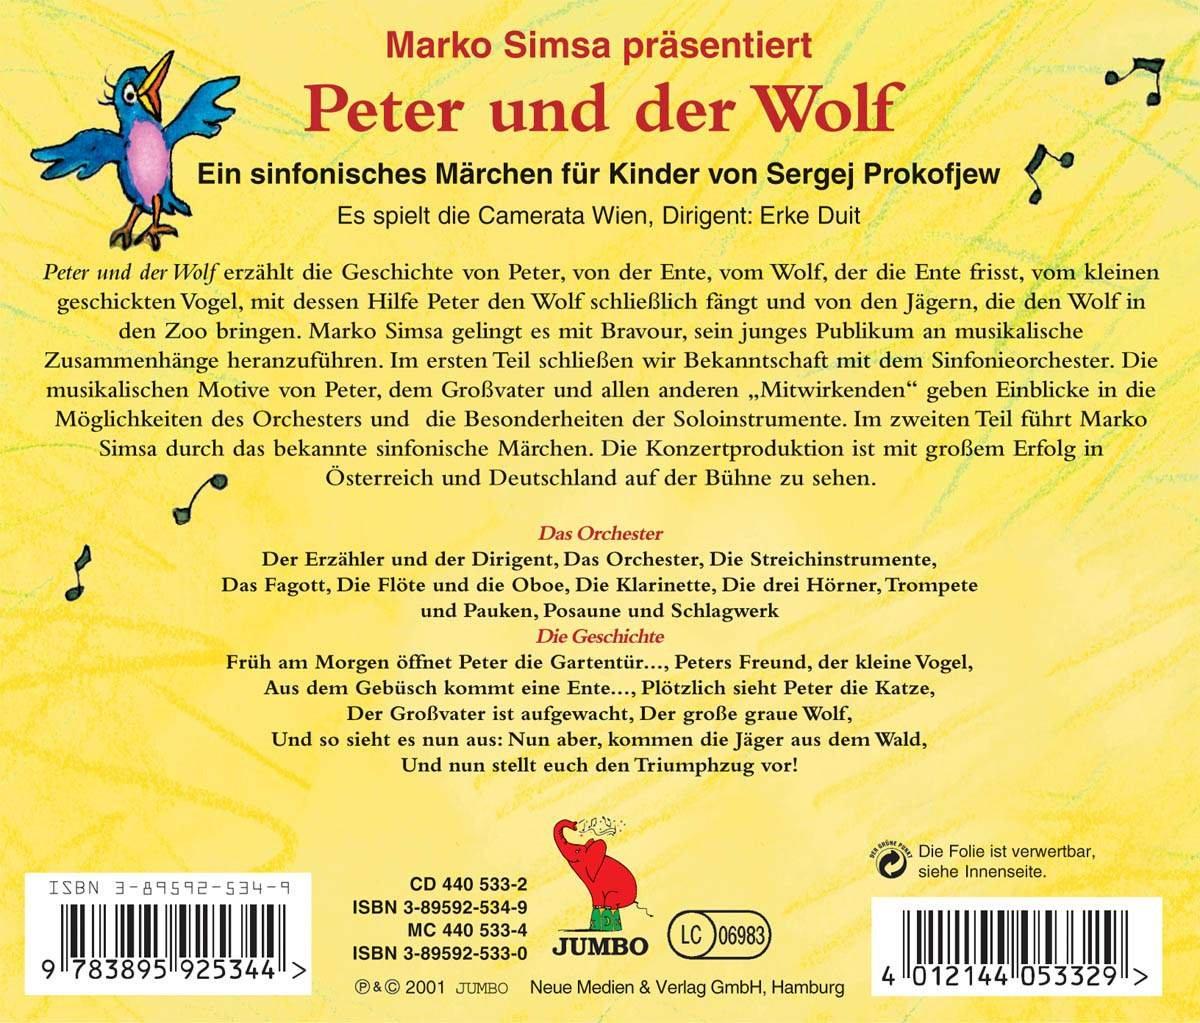 Peter und der Wolf - Marko Simsa: Amazon.de: Musik